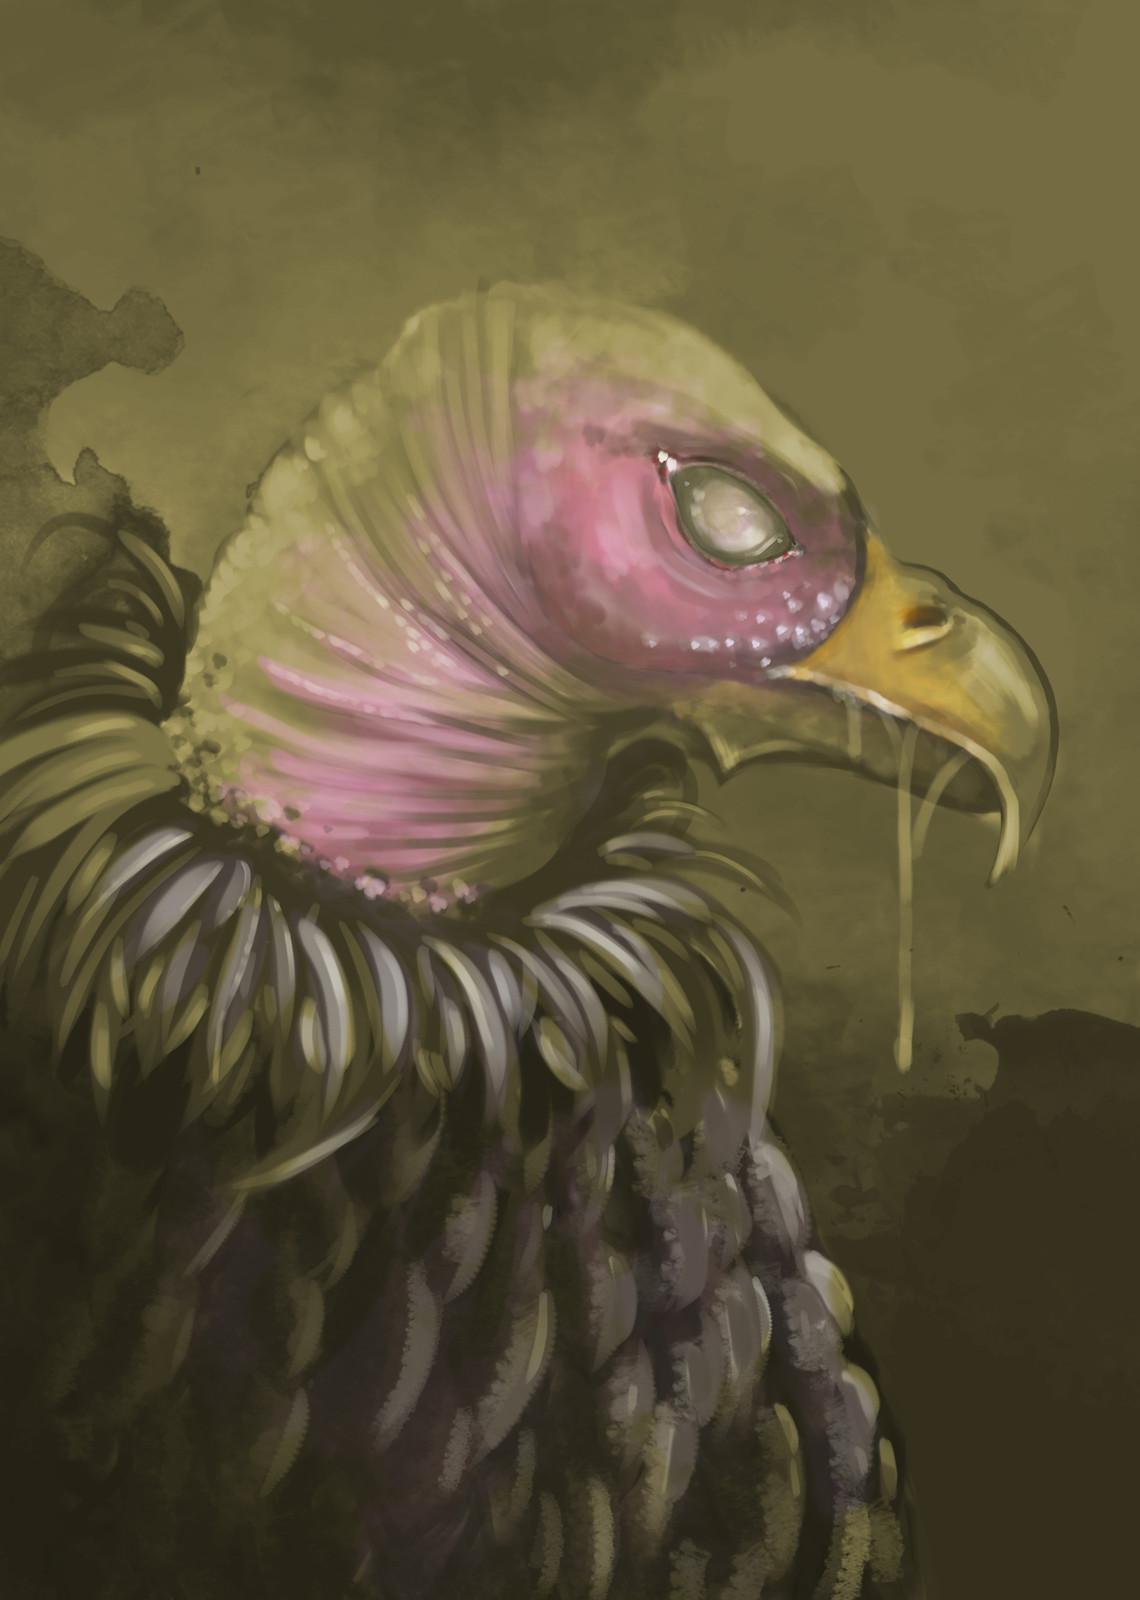 A sickly bird